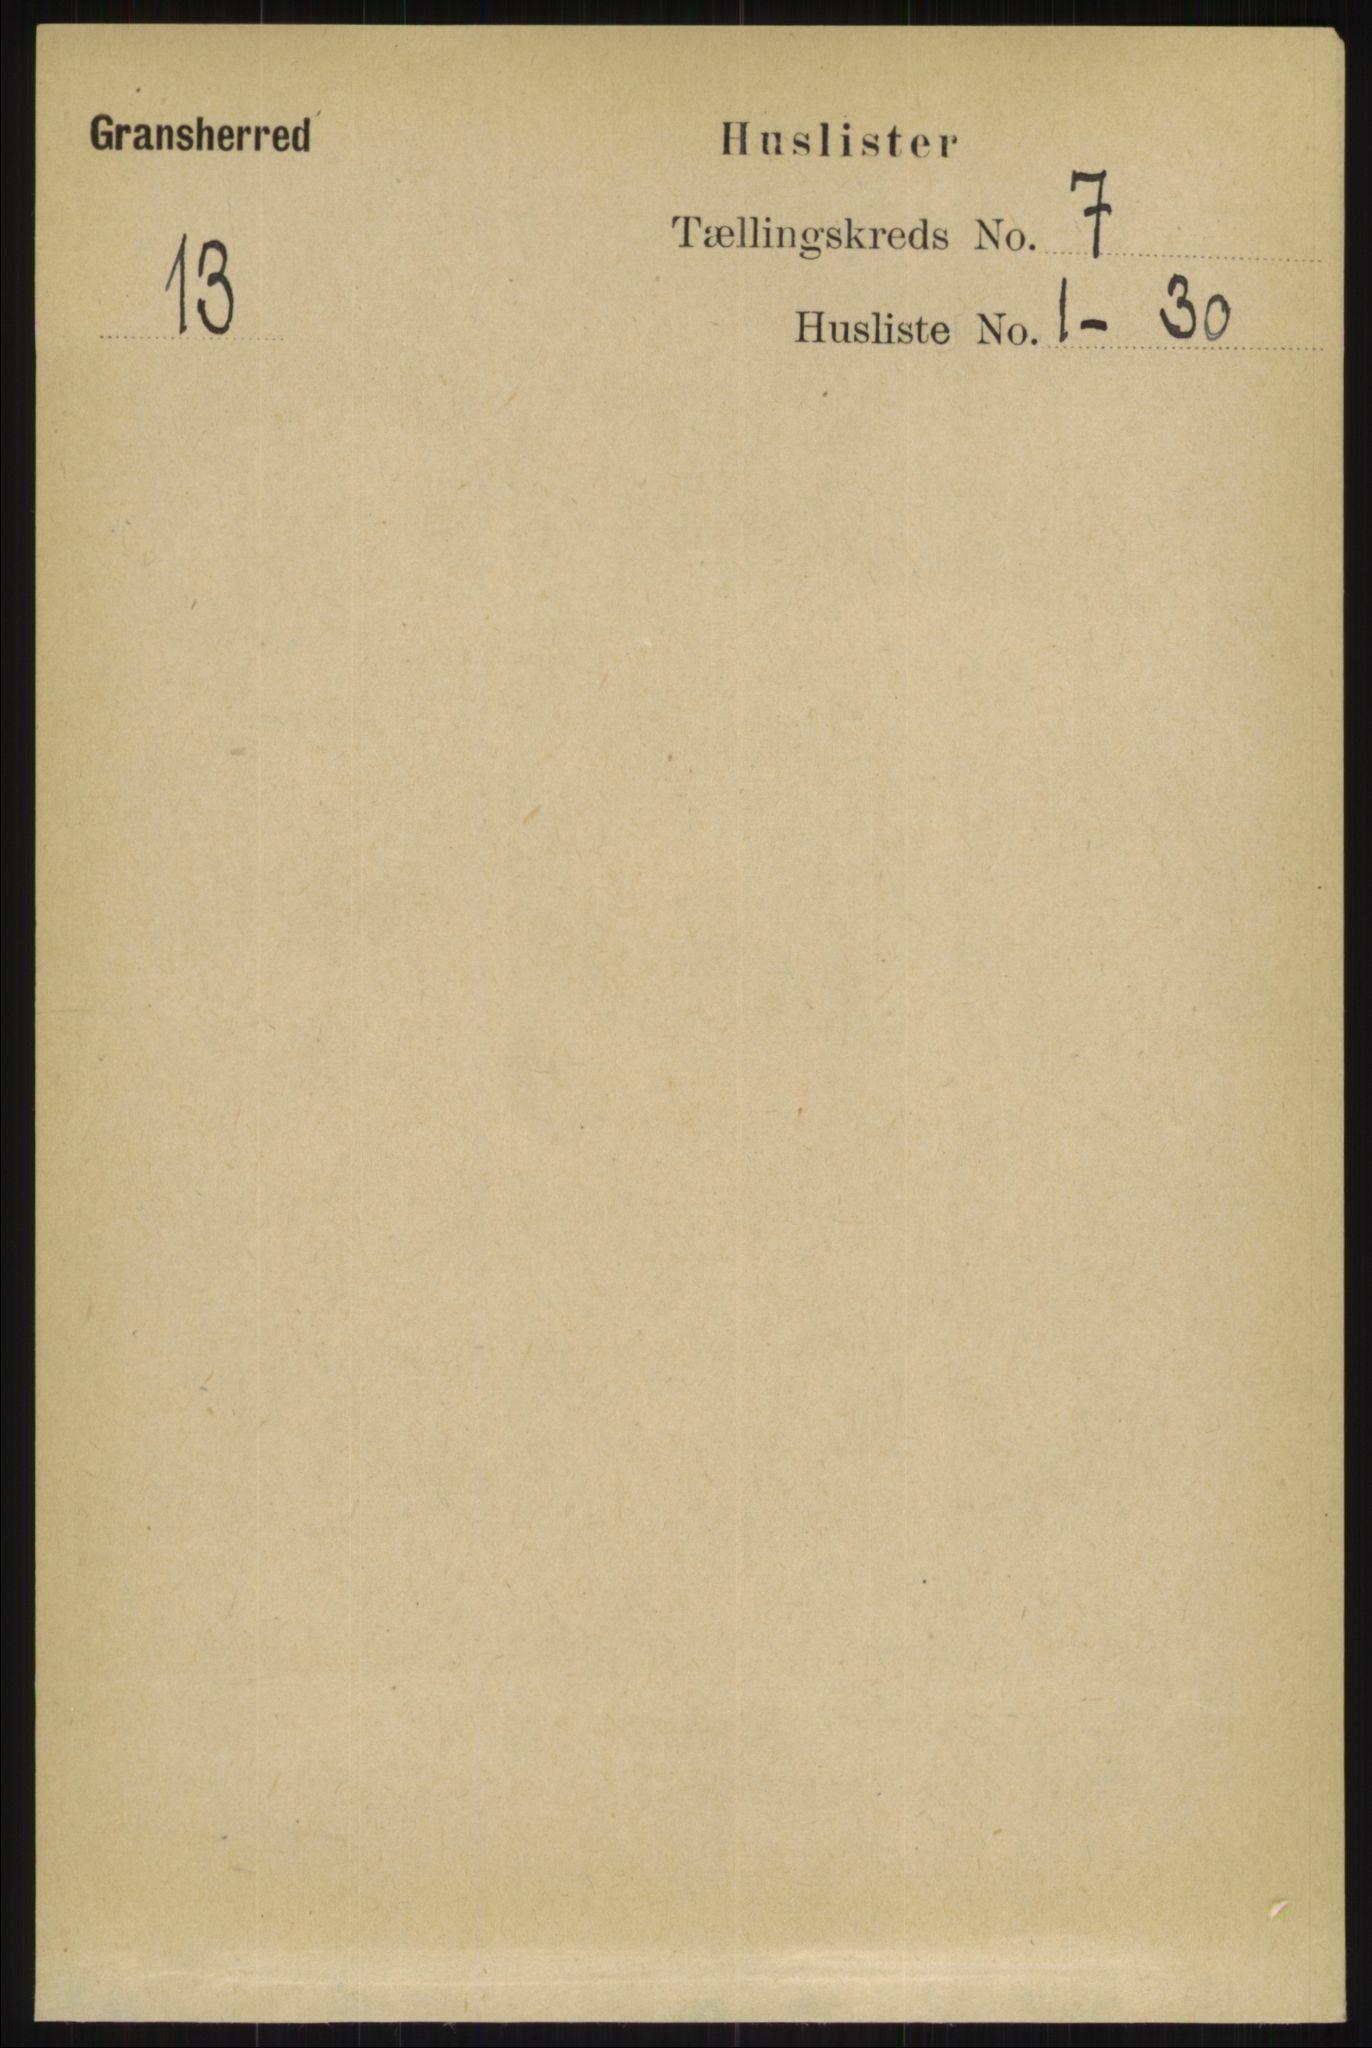 RA, Folketelling 1891 for 0824 Gransherad herred, 1891, s. 1157